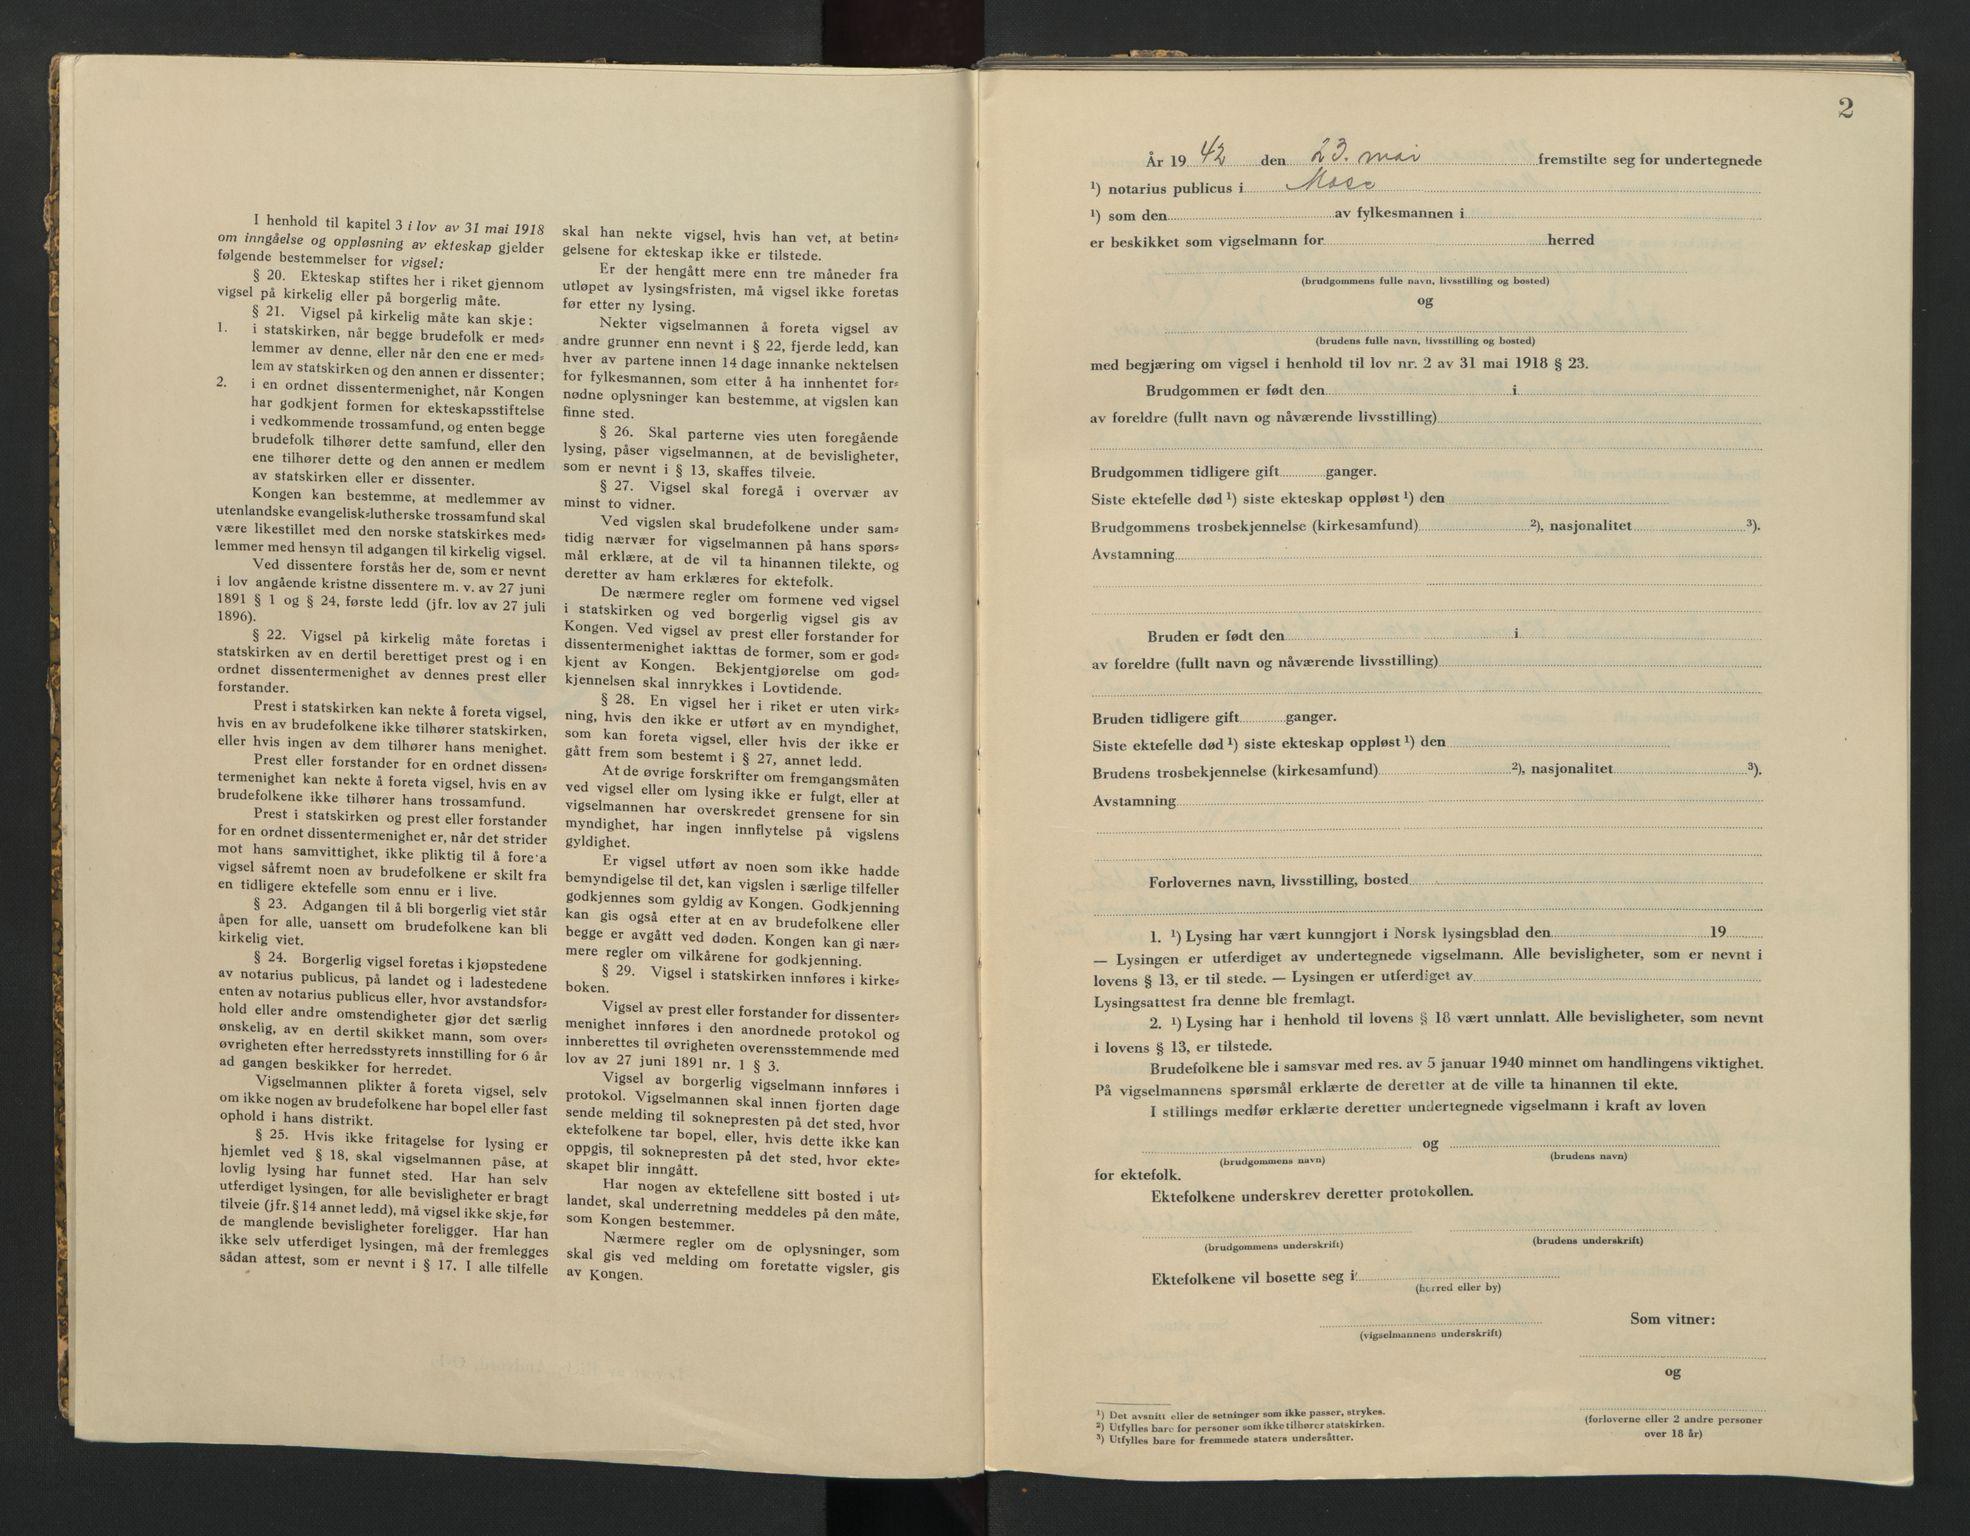 SAO, Moss sorenskriveri, 1942-1943, s. 2